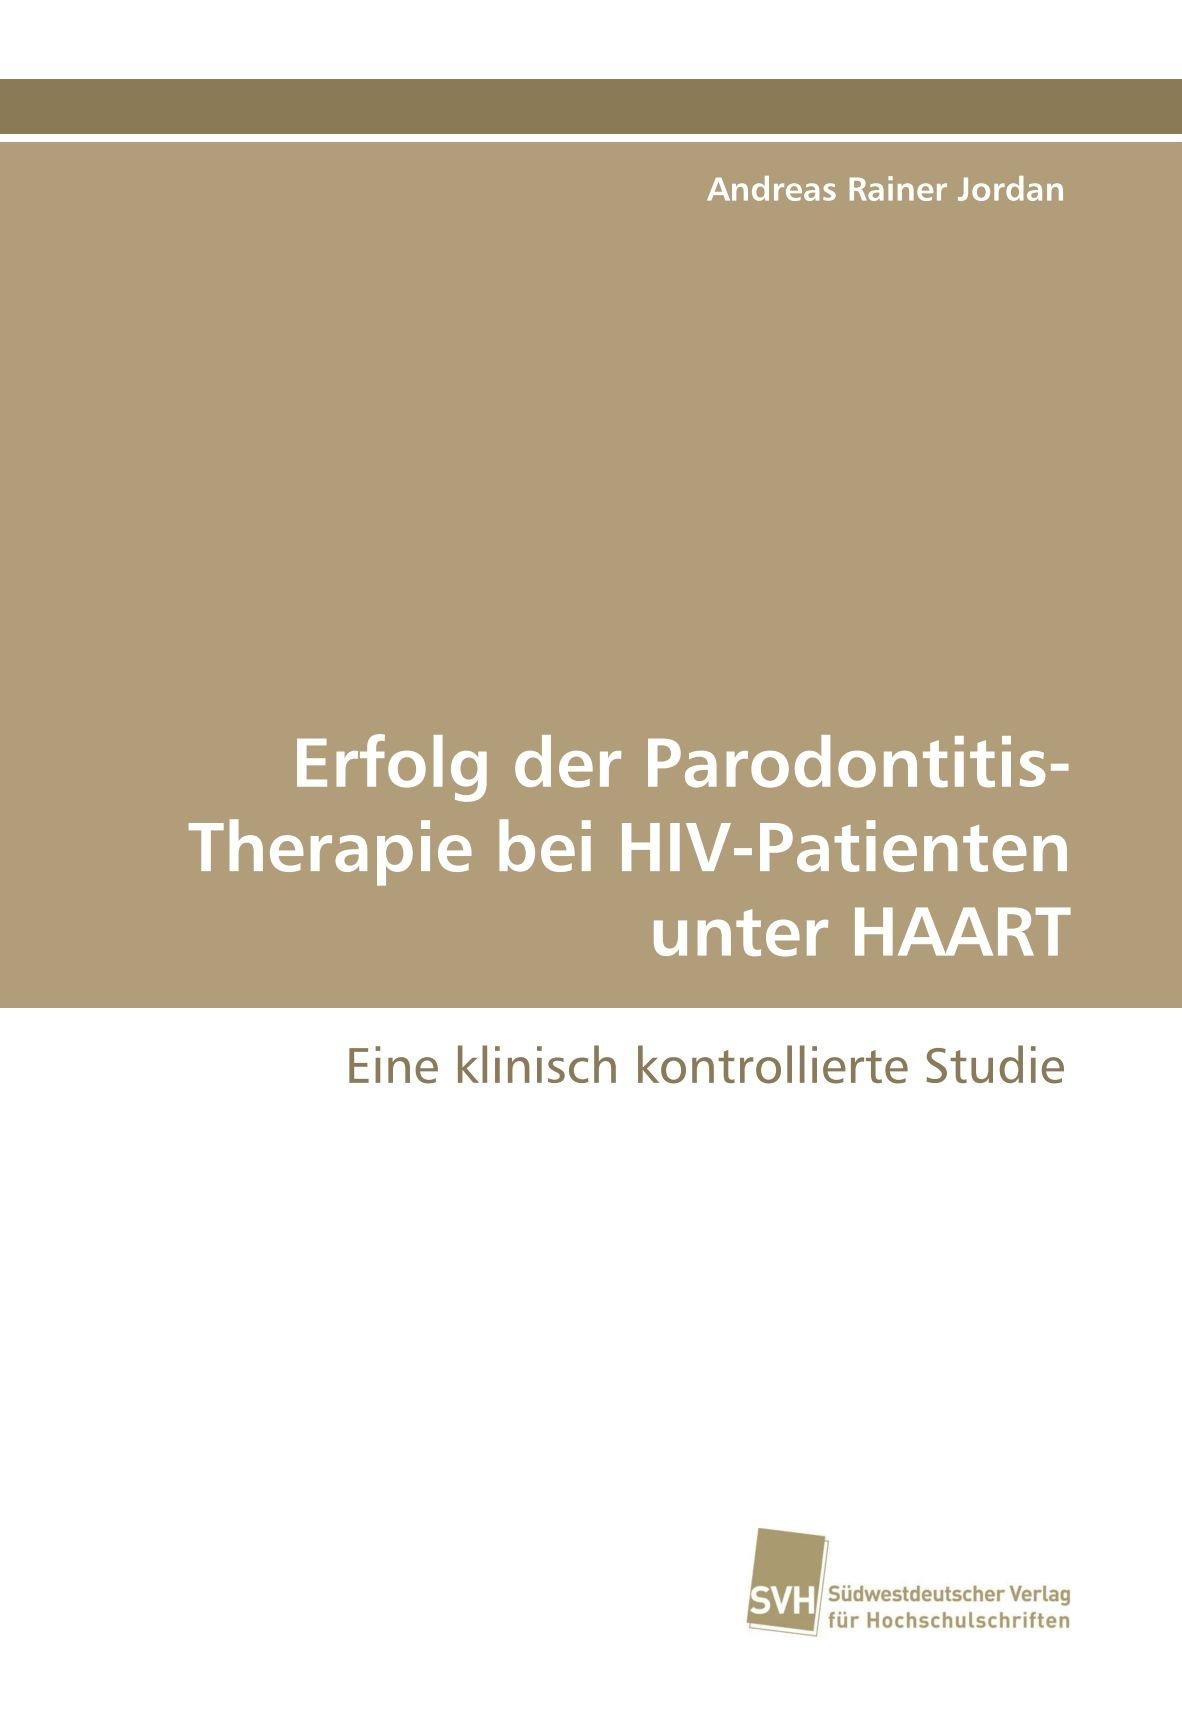 erfolg-der-parodontitis-therapie-bei-hiv-patienten-unter-haart-eine-klinisch-kontrollierte-studie